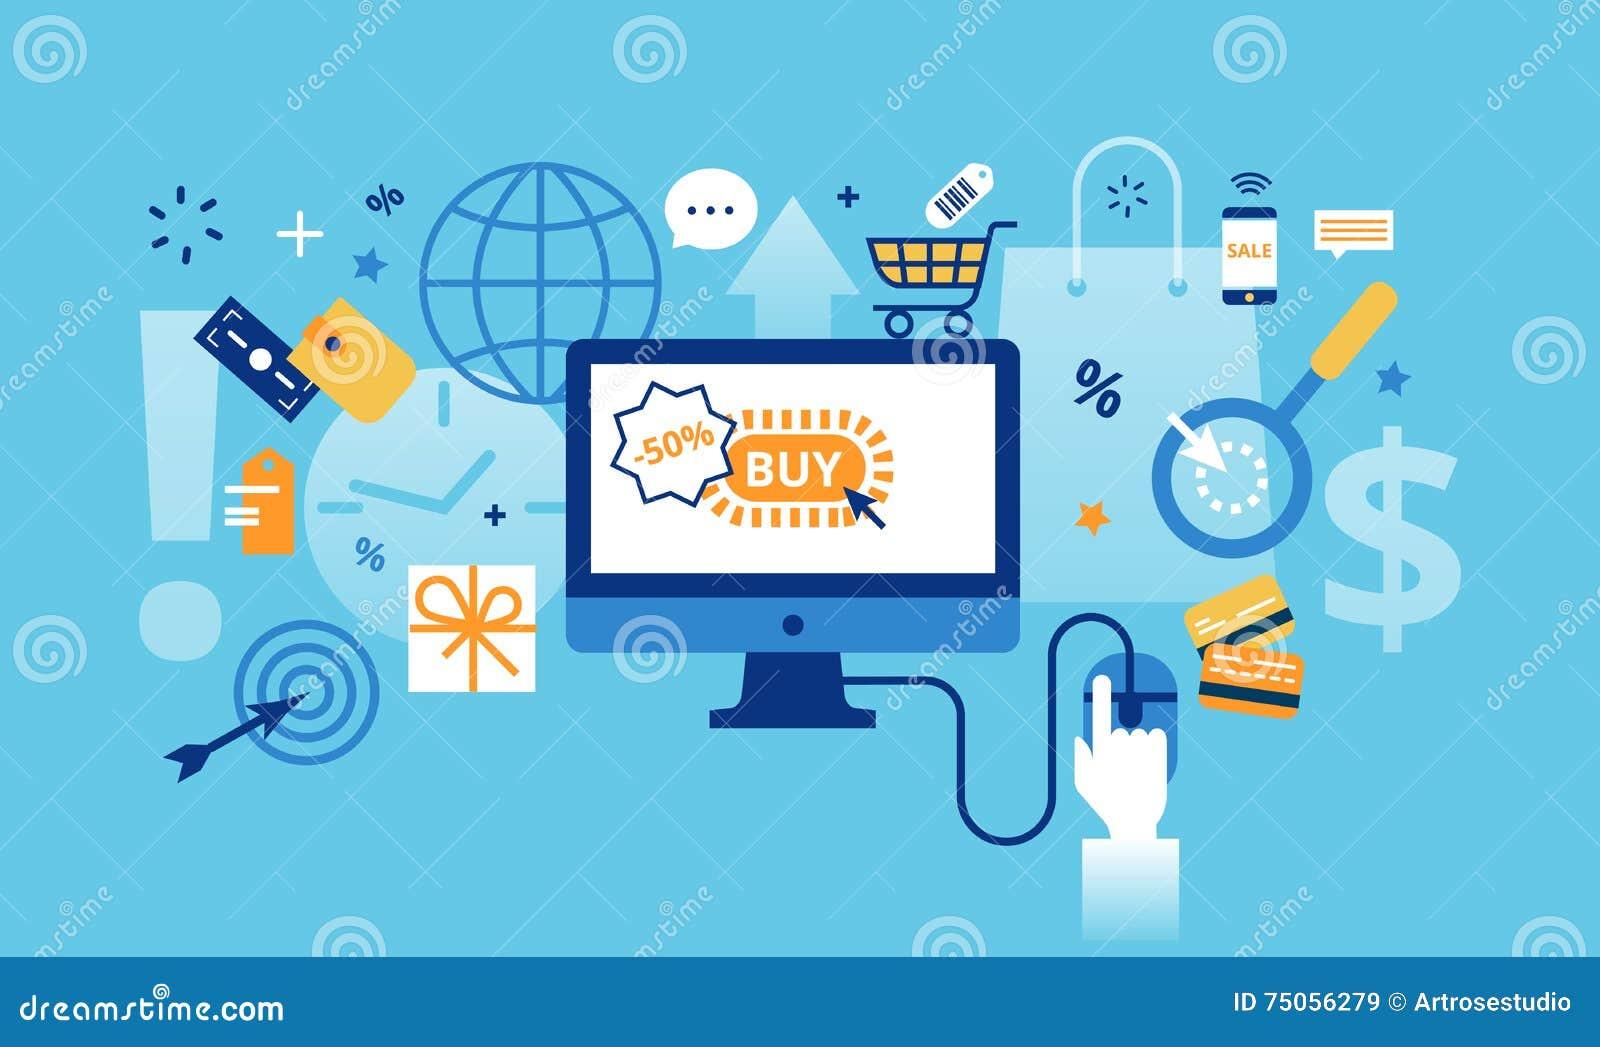 Línea fina plana moderna ejemplo del vector del diseño, concepto de compras en línea, ventas de Internet con venta al por menor y